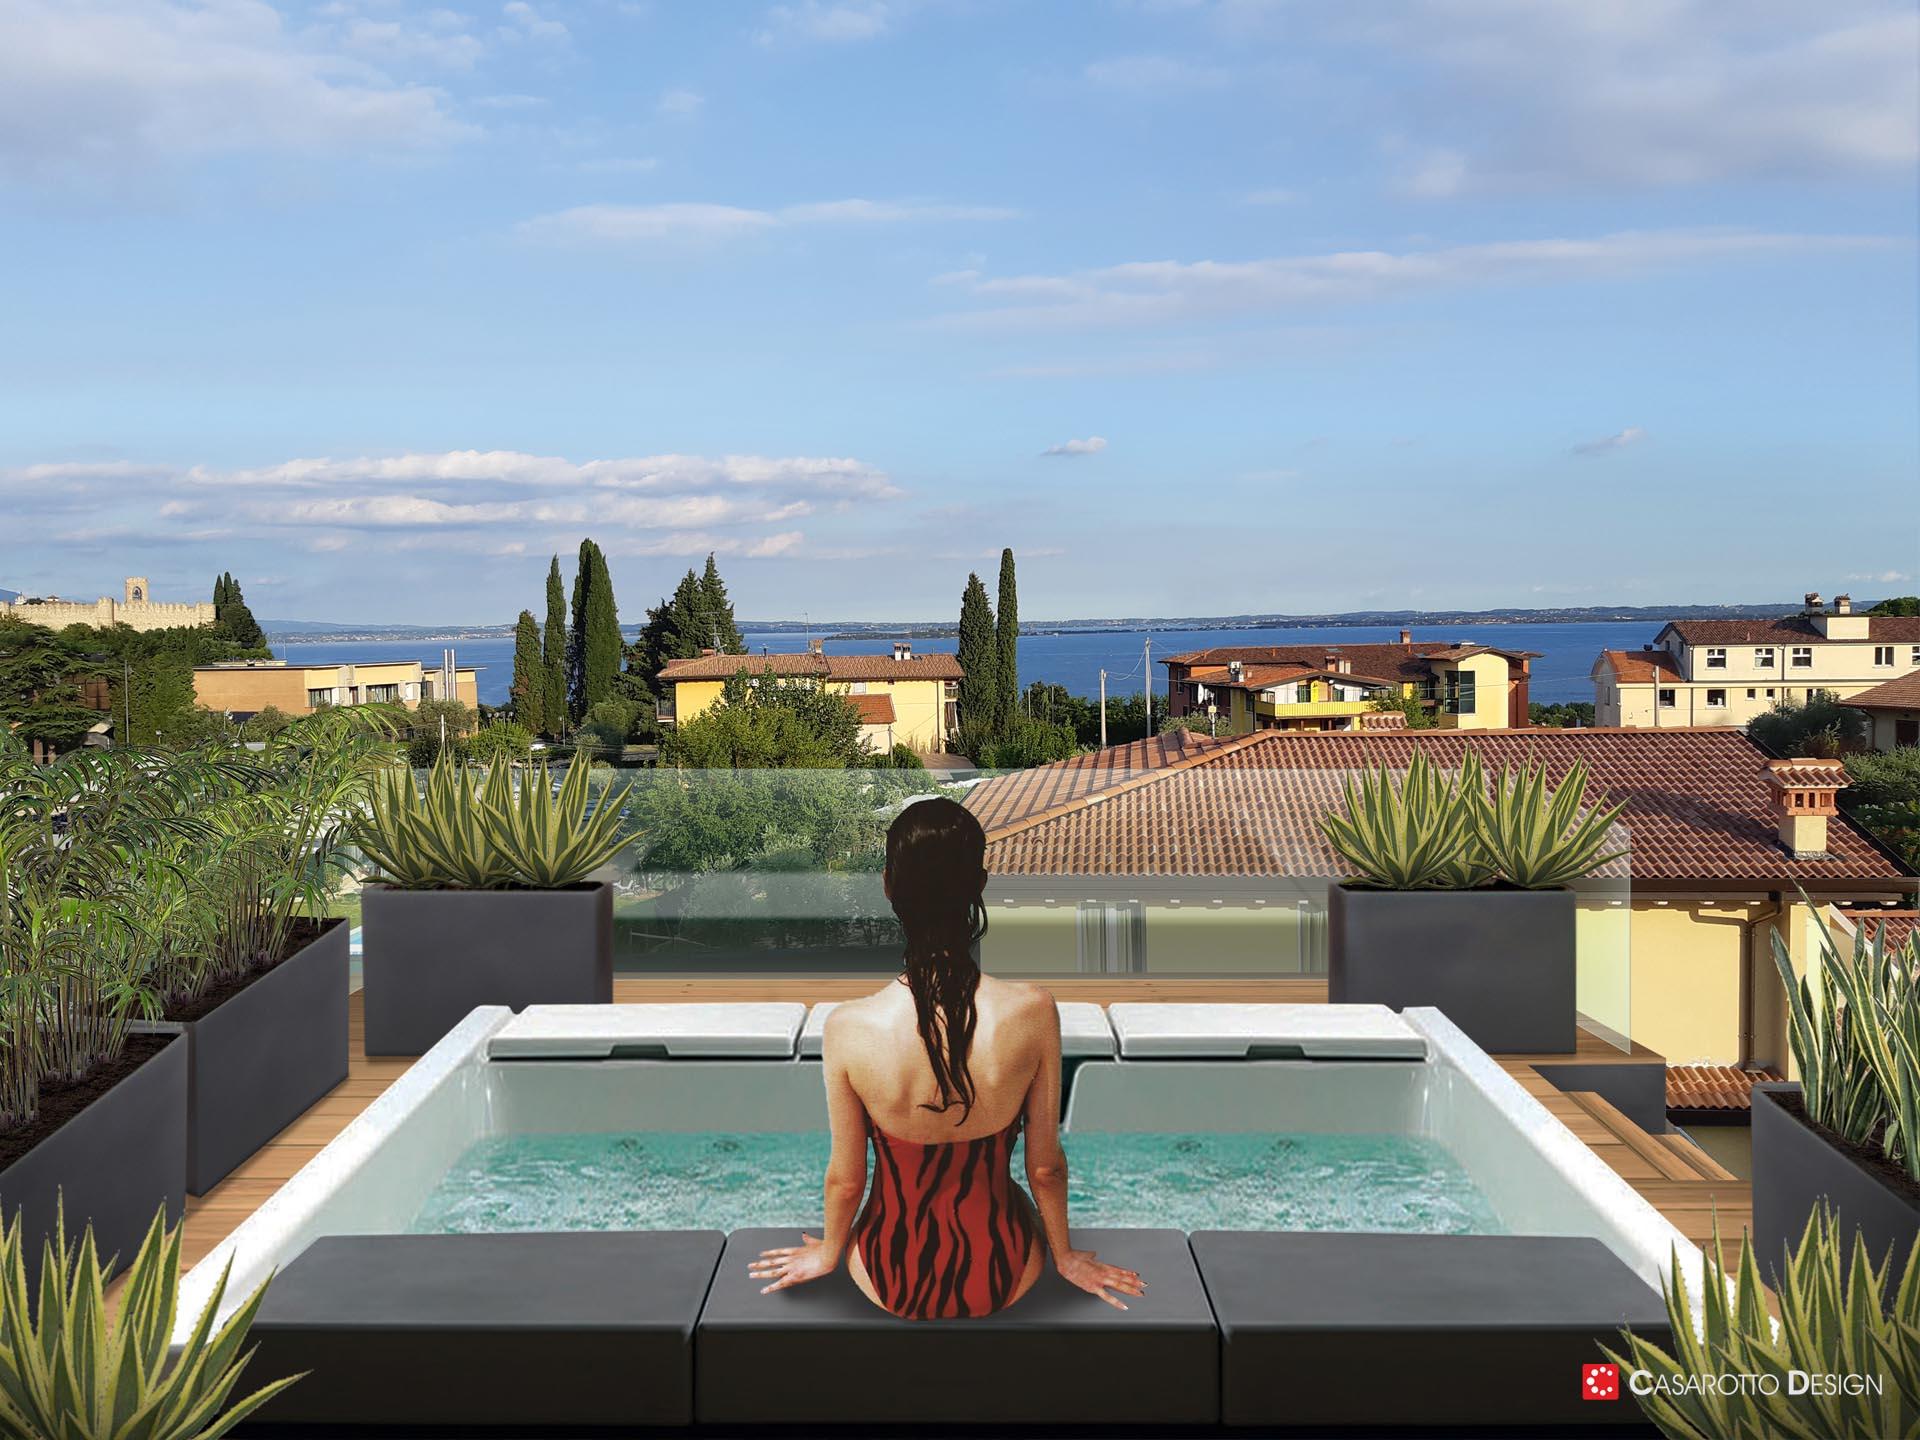 Render rendering abitazioni architettura agenzie immobiliari piscina panorama con persone simone casarotto design